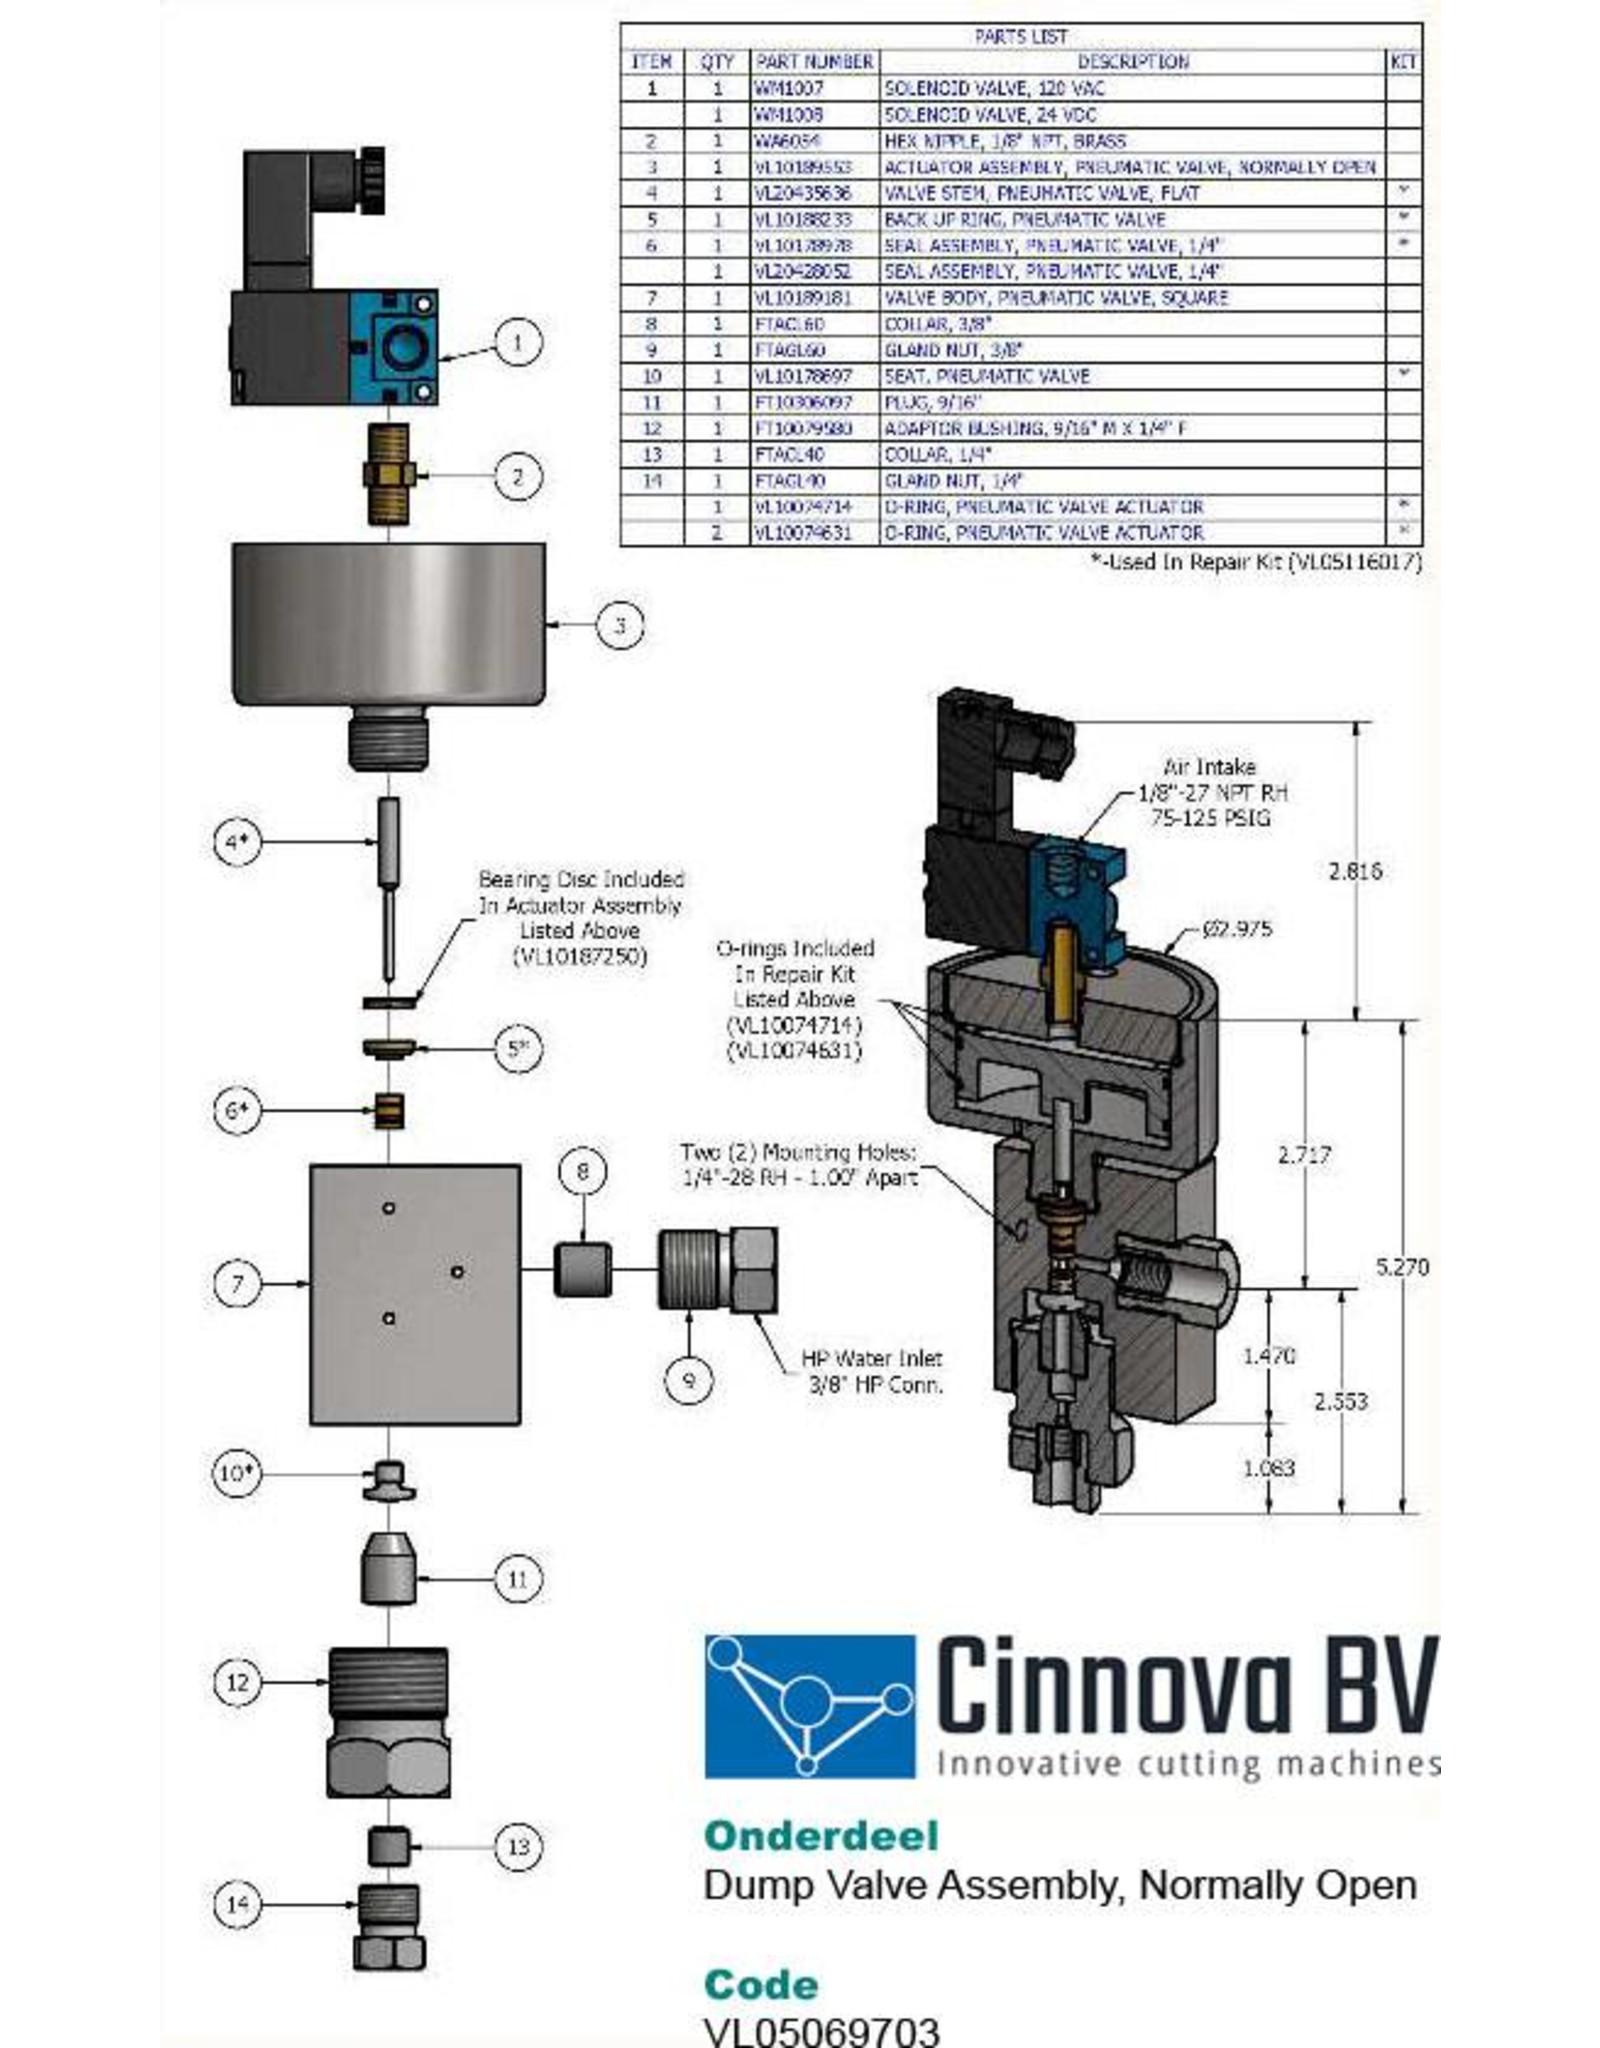 KMT Style Piston, Pneumatic Valve